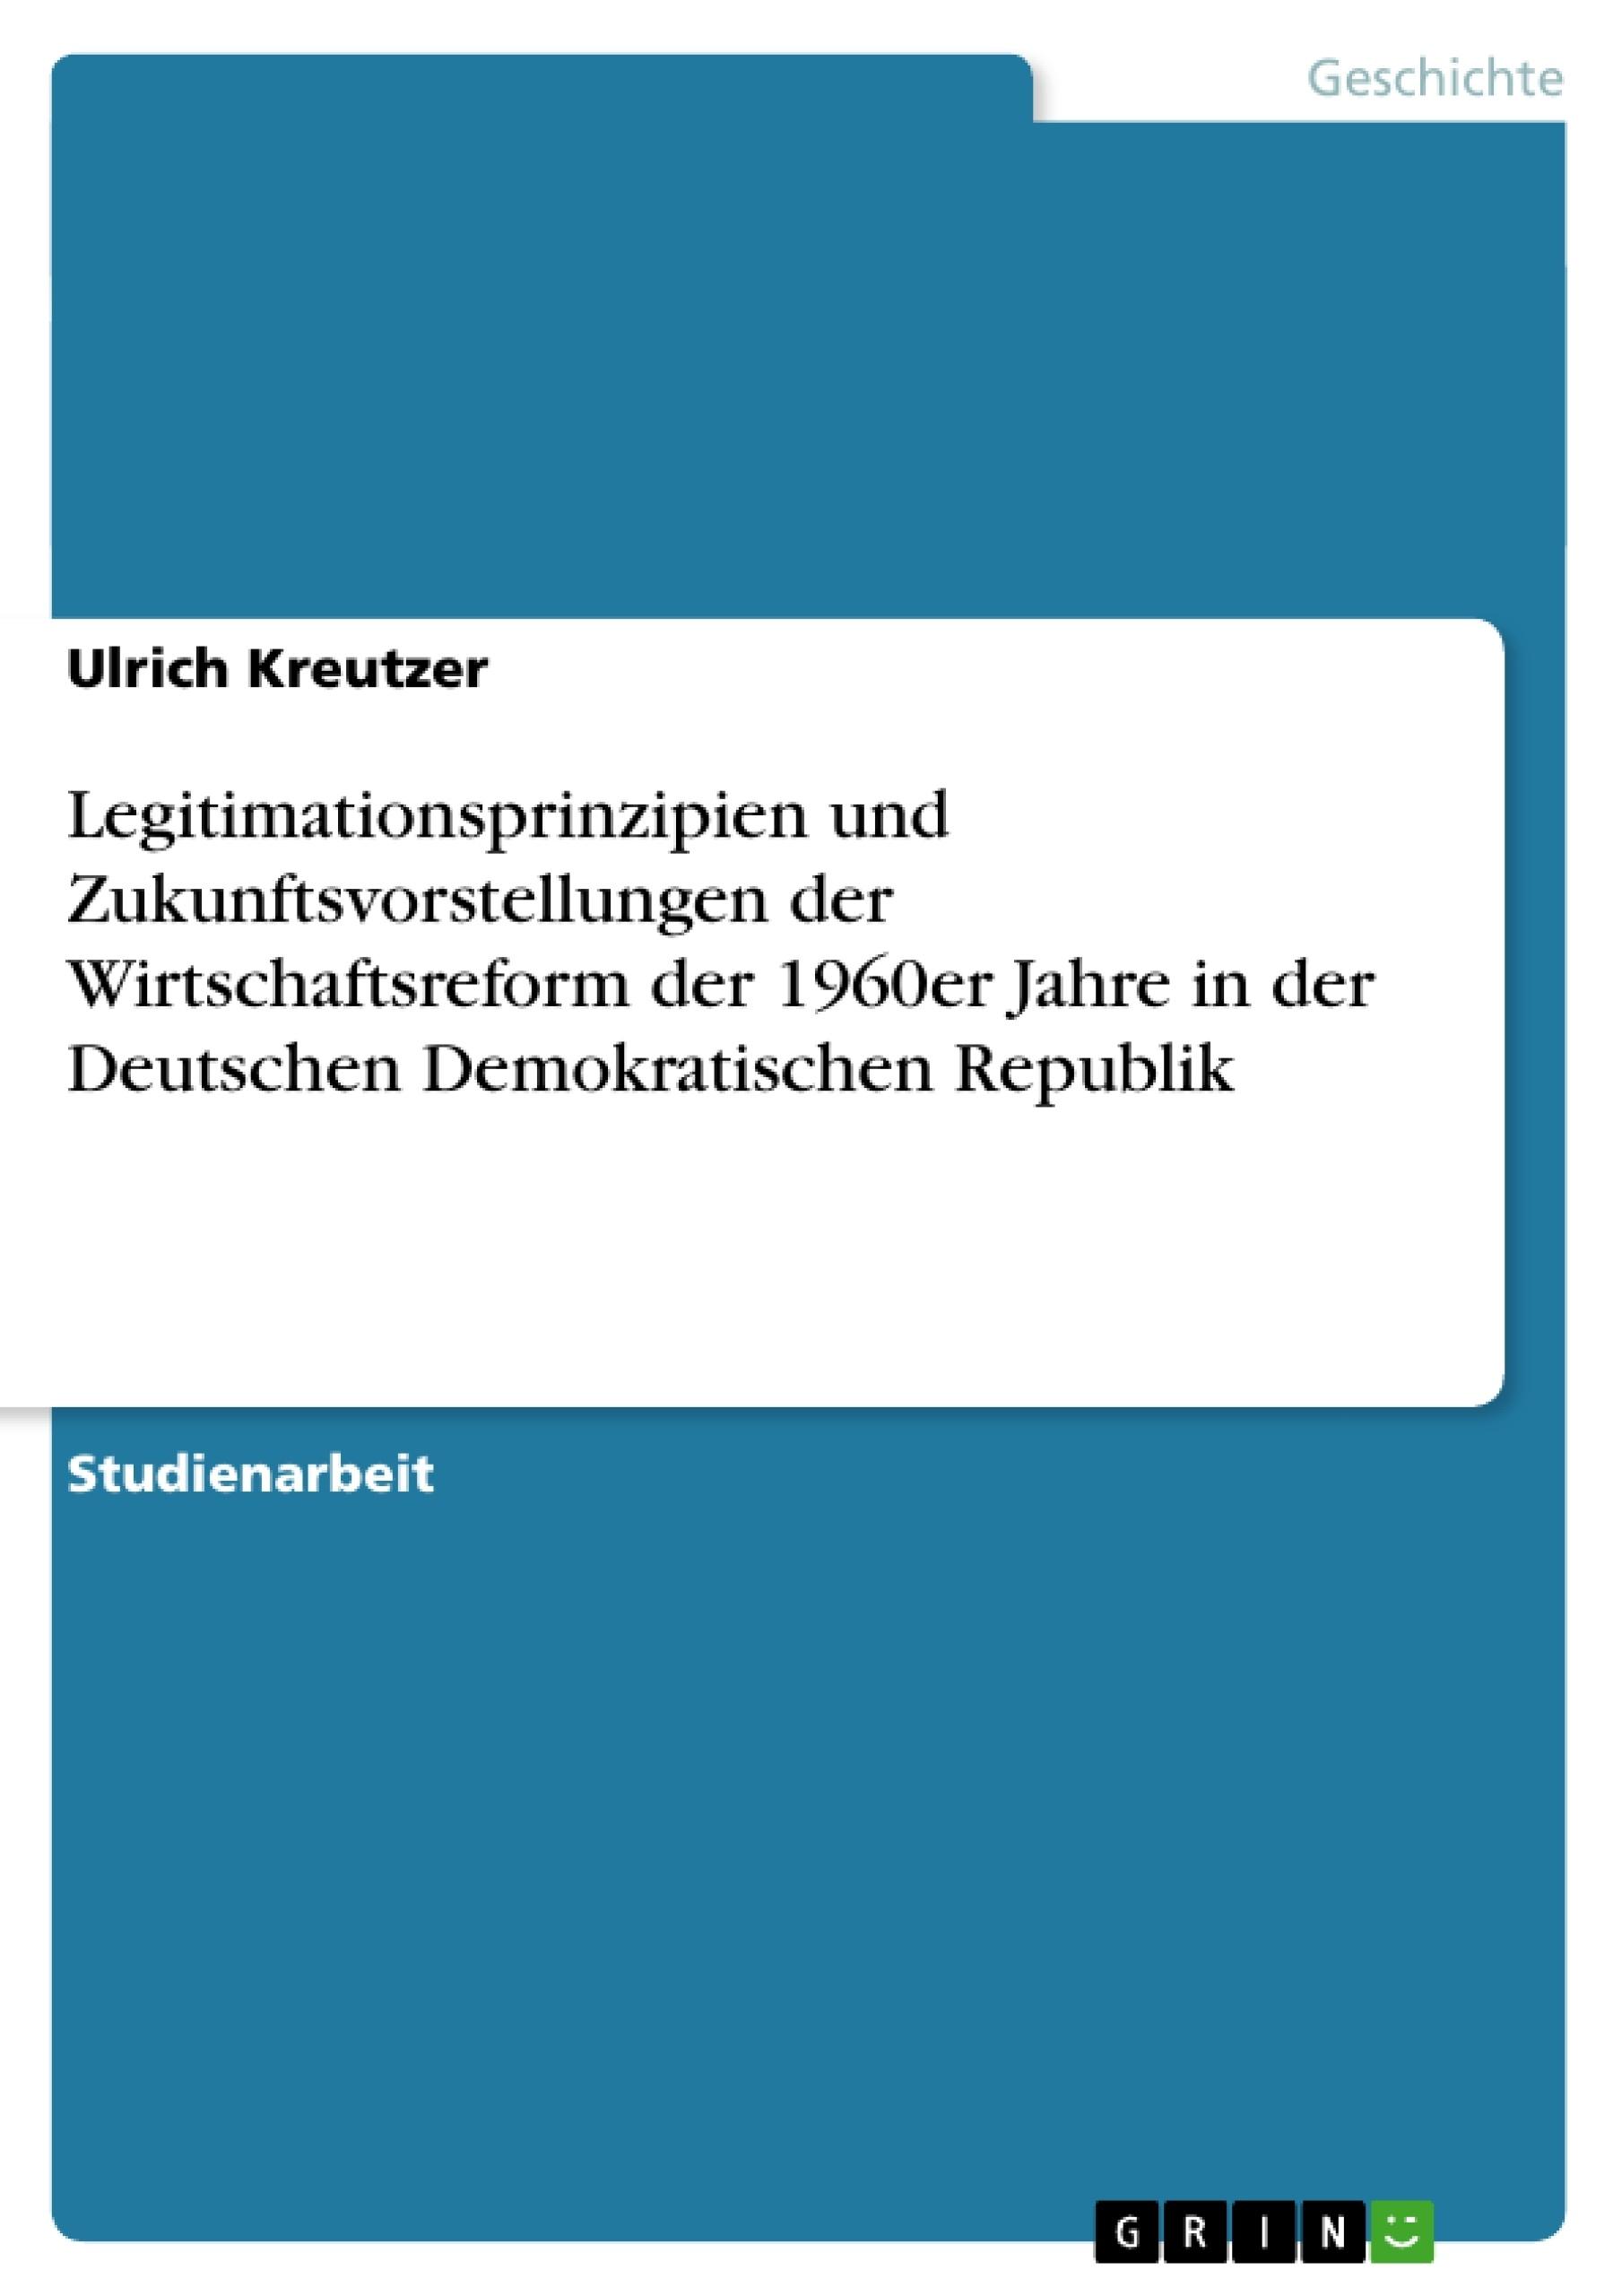 Titel: Legitimationsprinzipien und Zukunftsvorstellungen der Wirtschaftsreform der 1960er Jahre in der Deutschen Demokratischen Republik